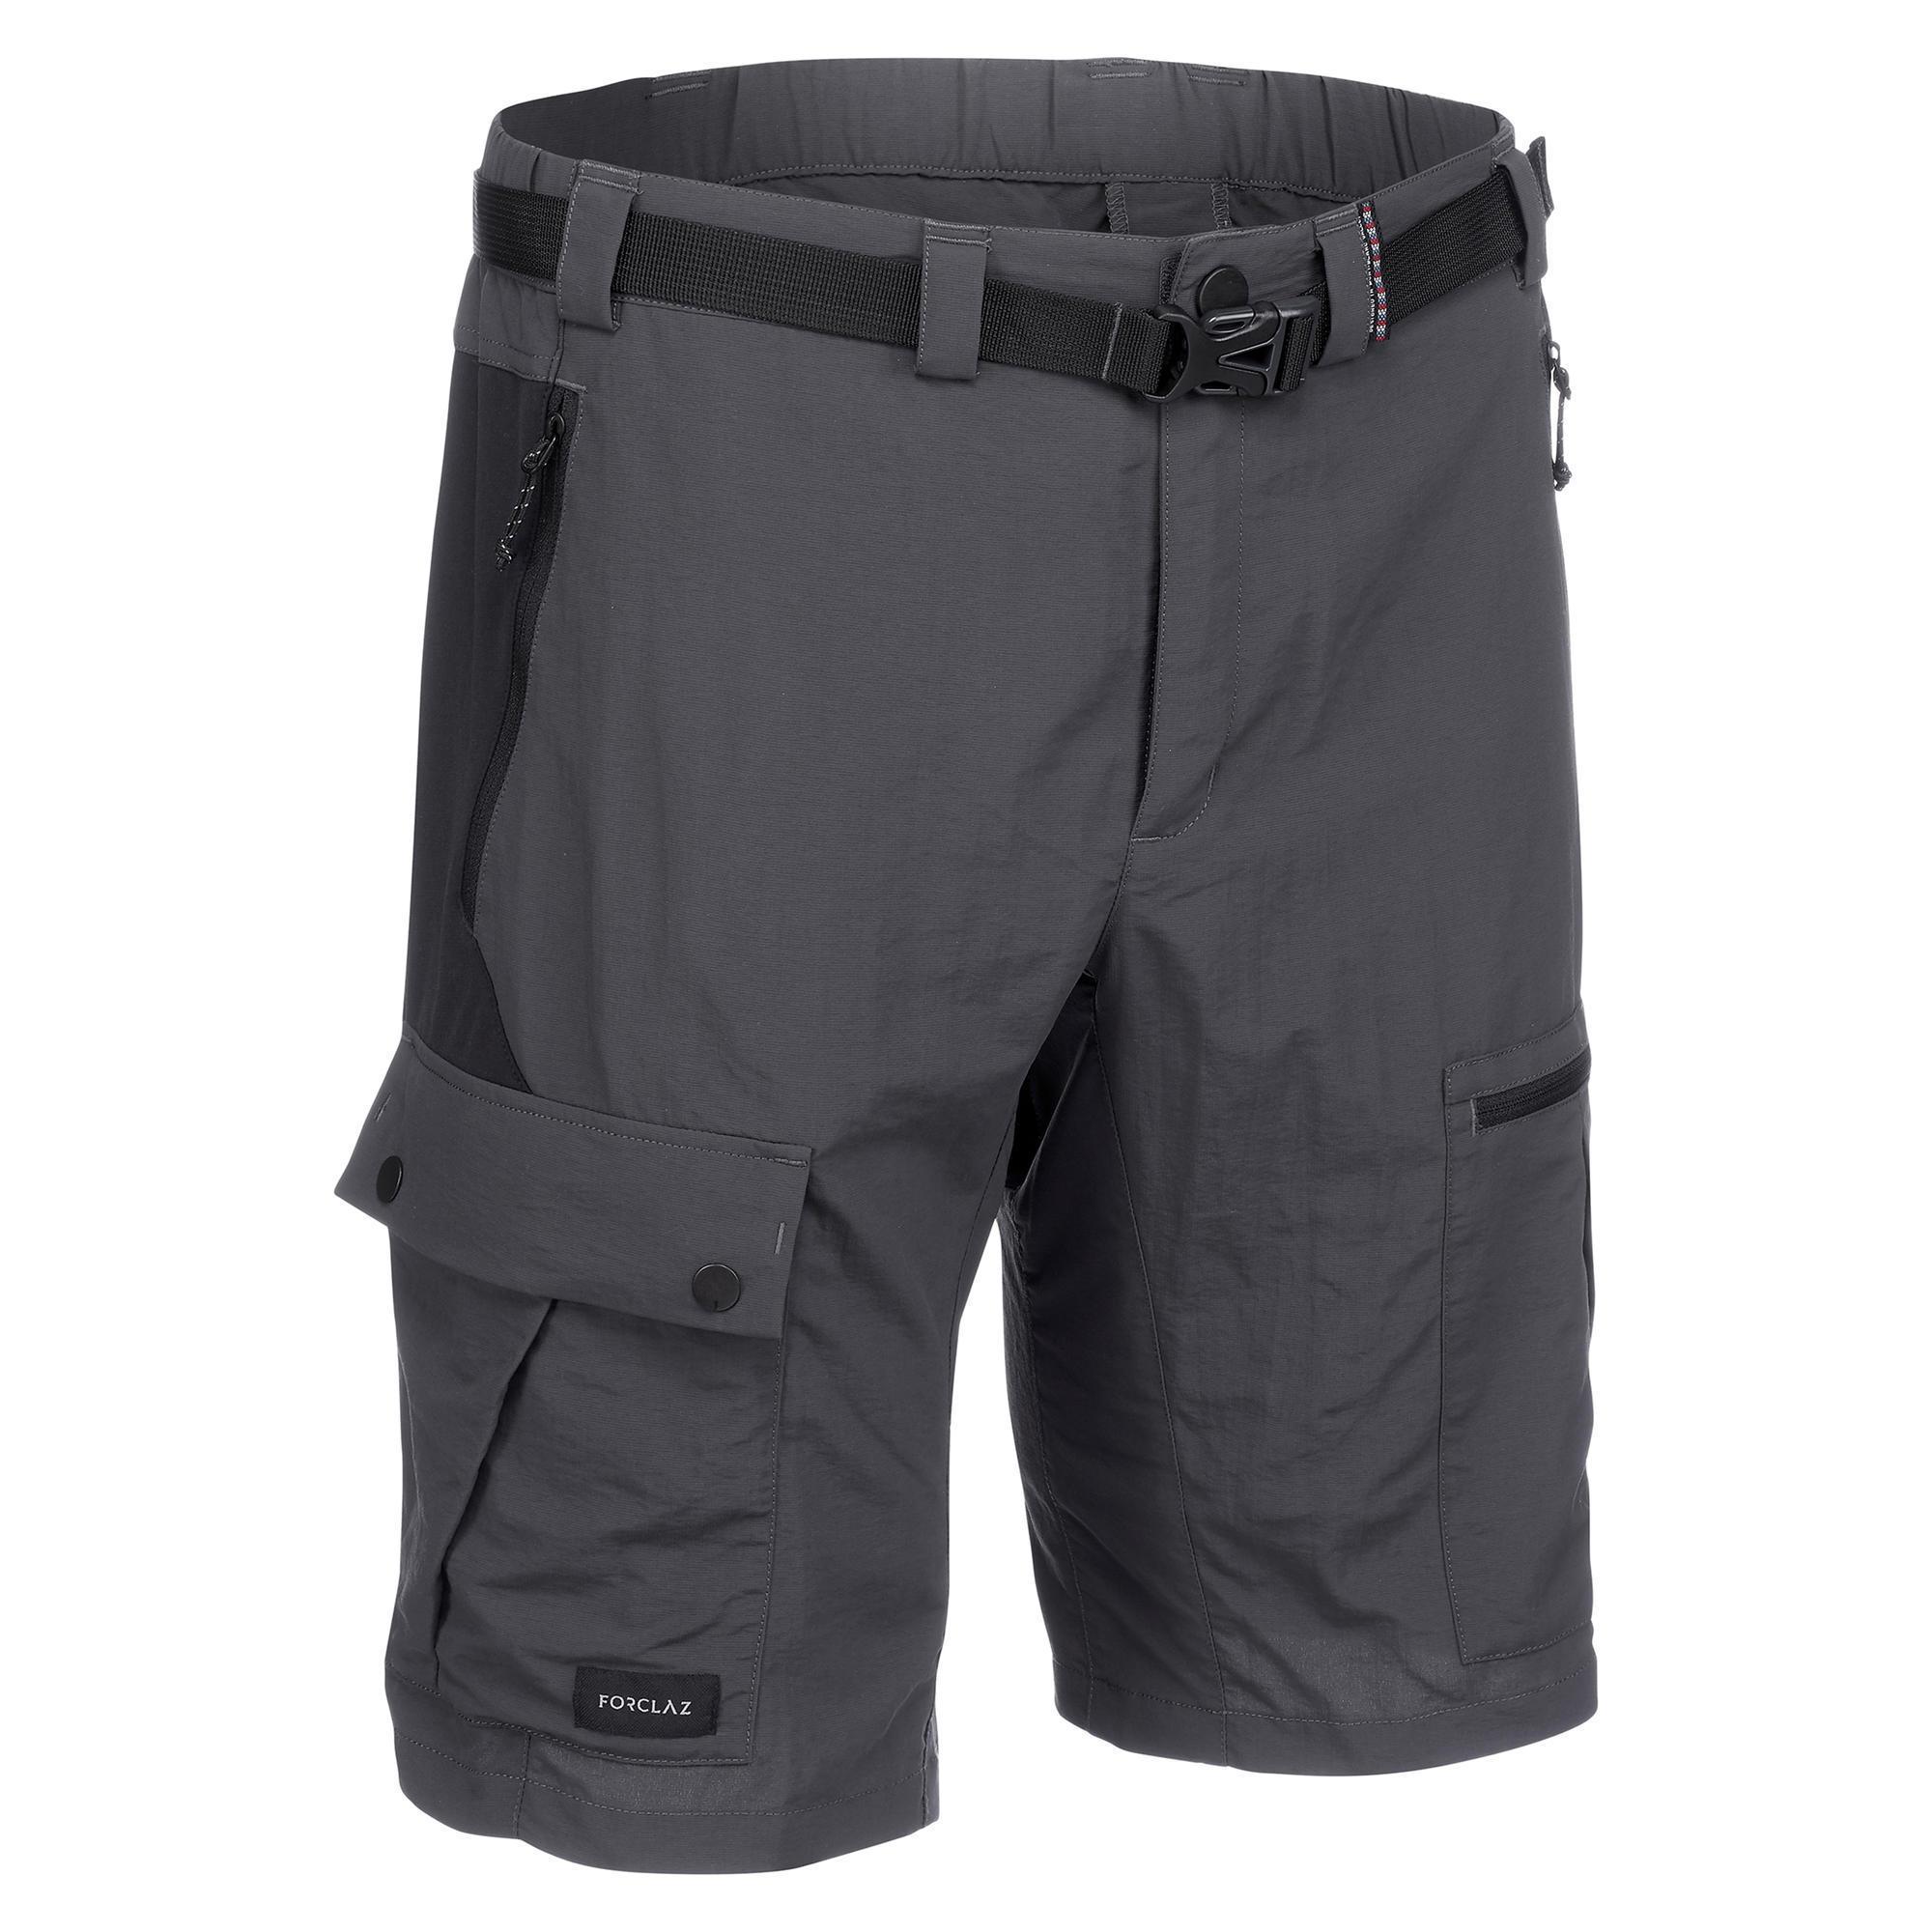 Trekkingshorts Trek 500 Herren dunkelgrau | Bekleidung > Shorts & Bermudas > Trekkingshorts | Grau - Schwarz | Forclaz